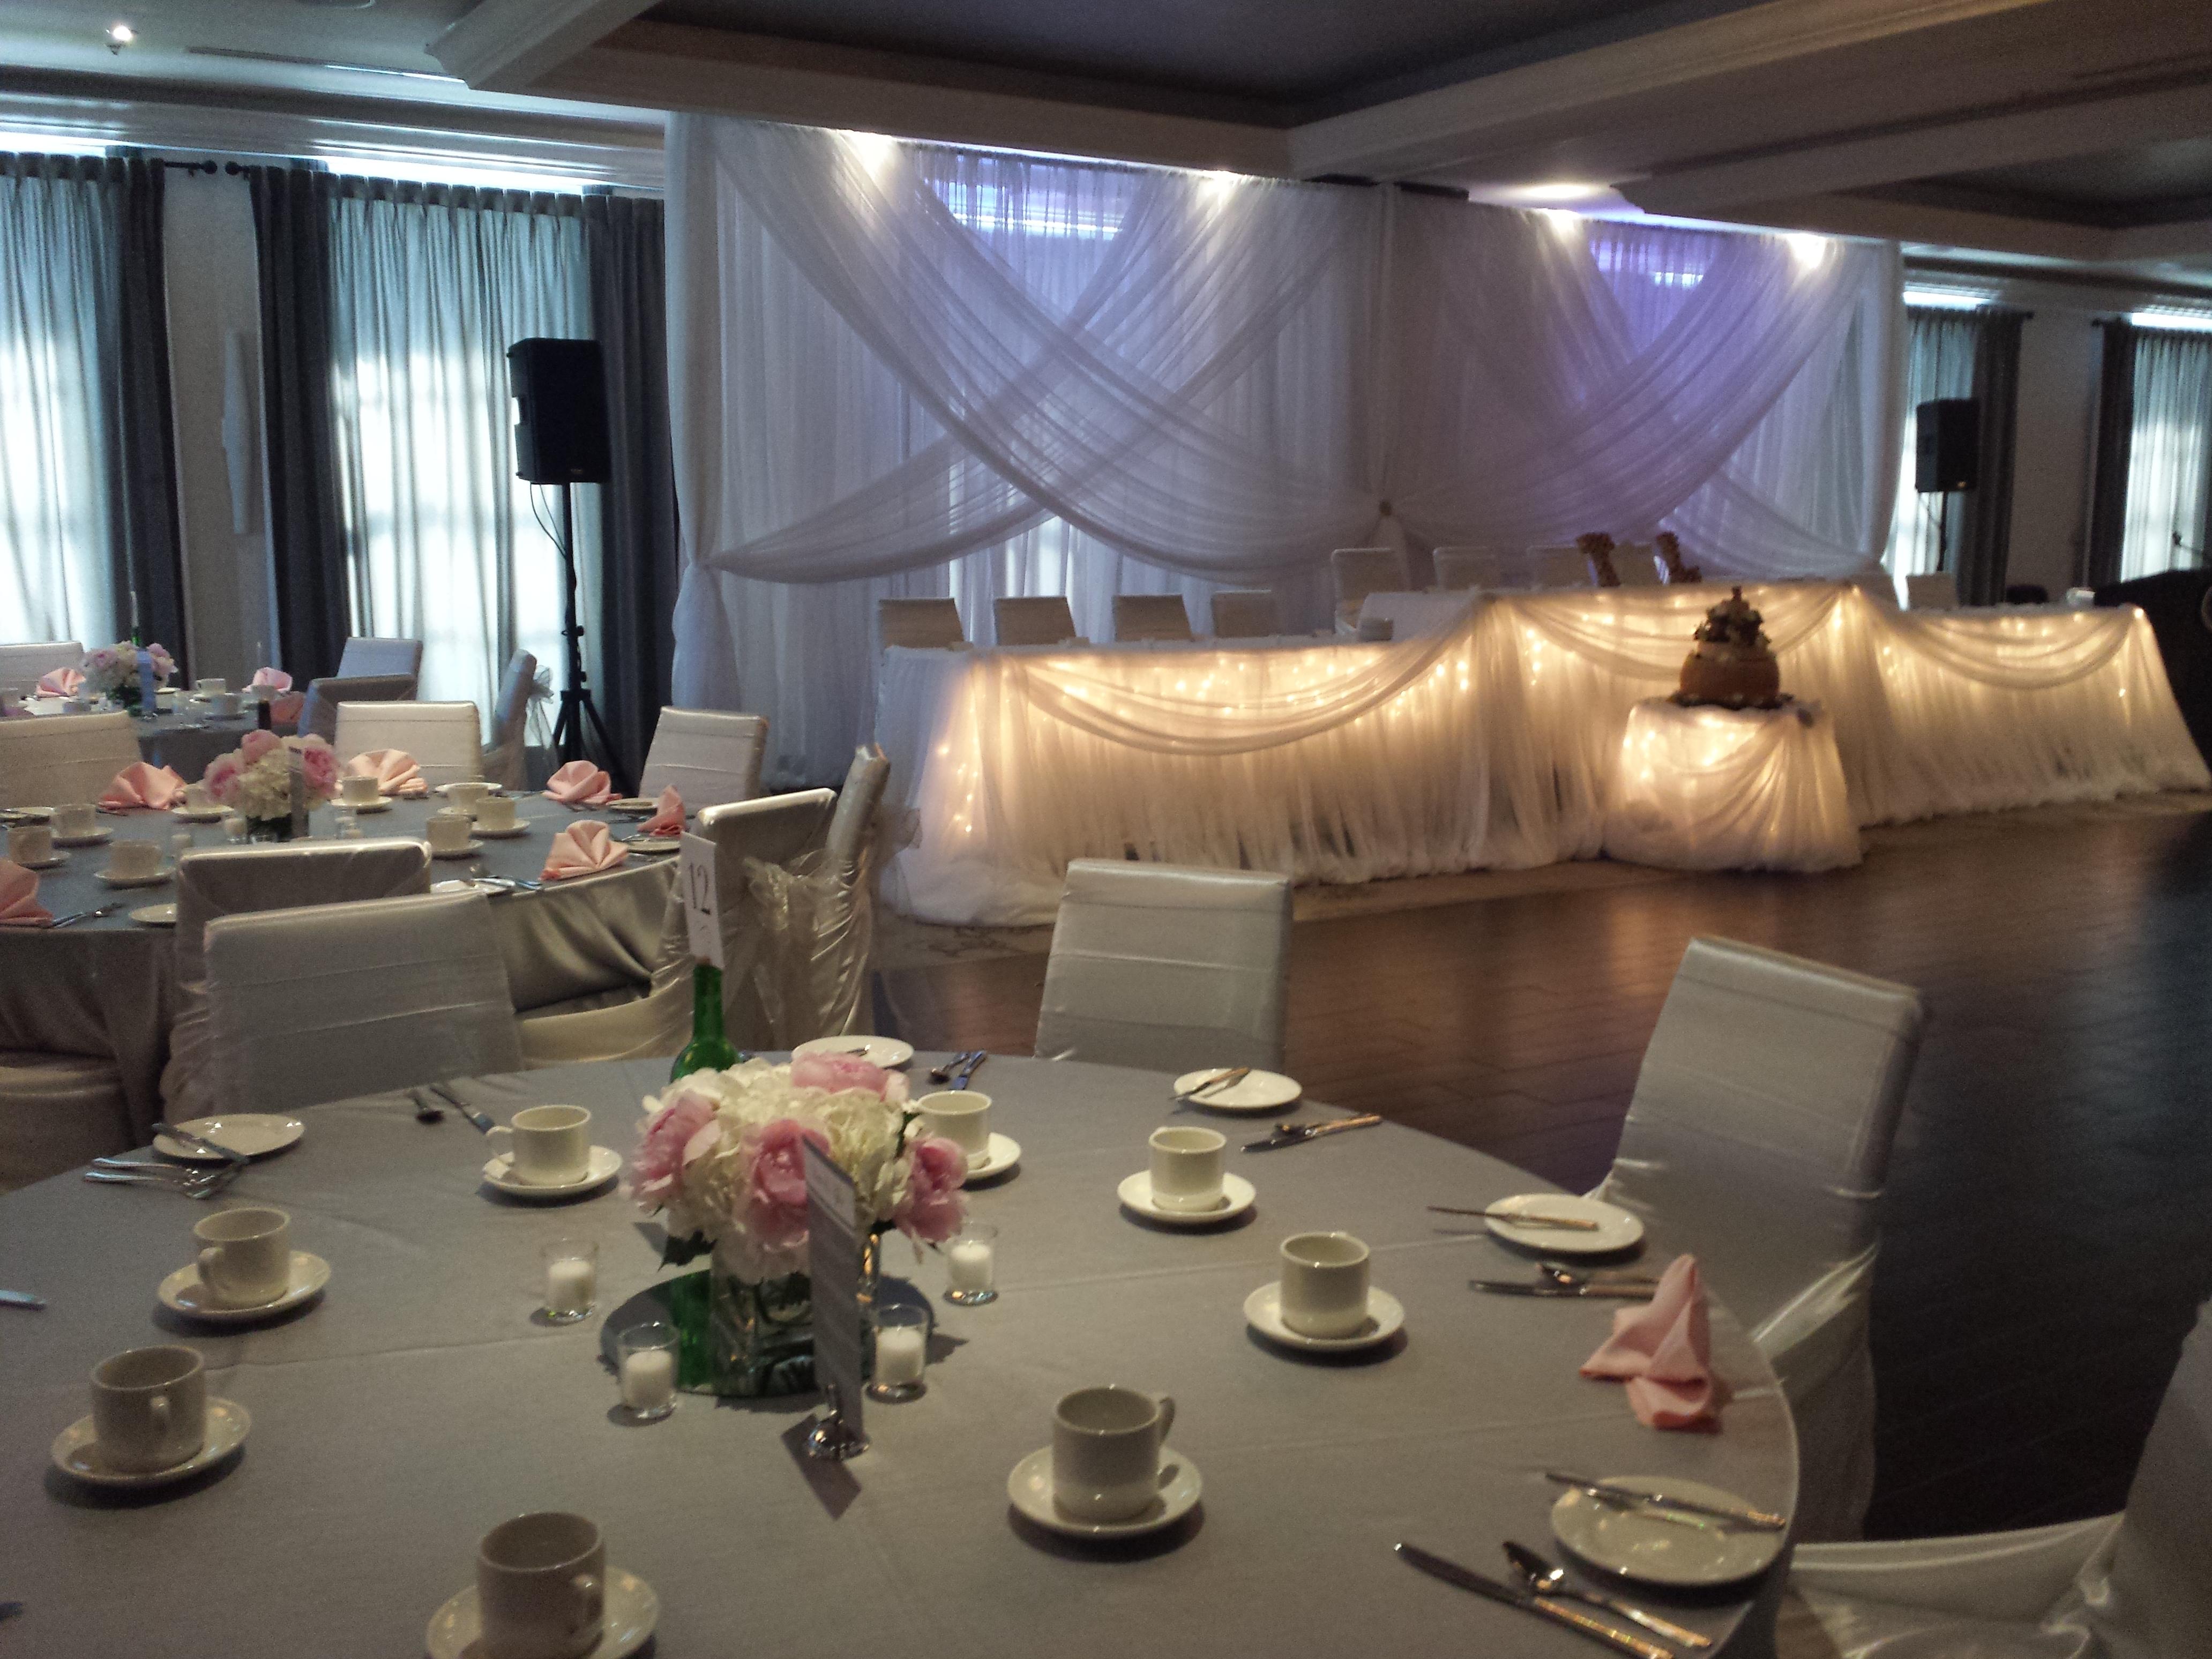 chair covers hamilton ontario free desk white satin set the mood decor